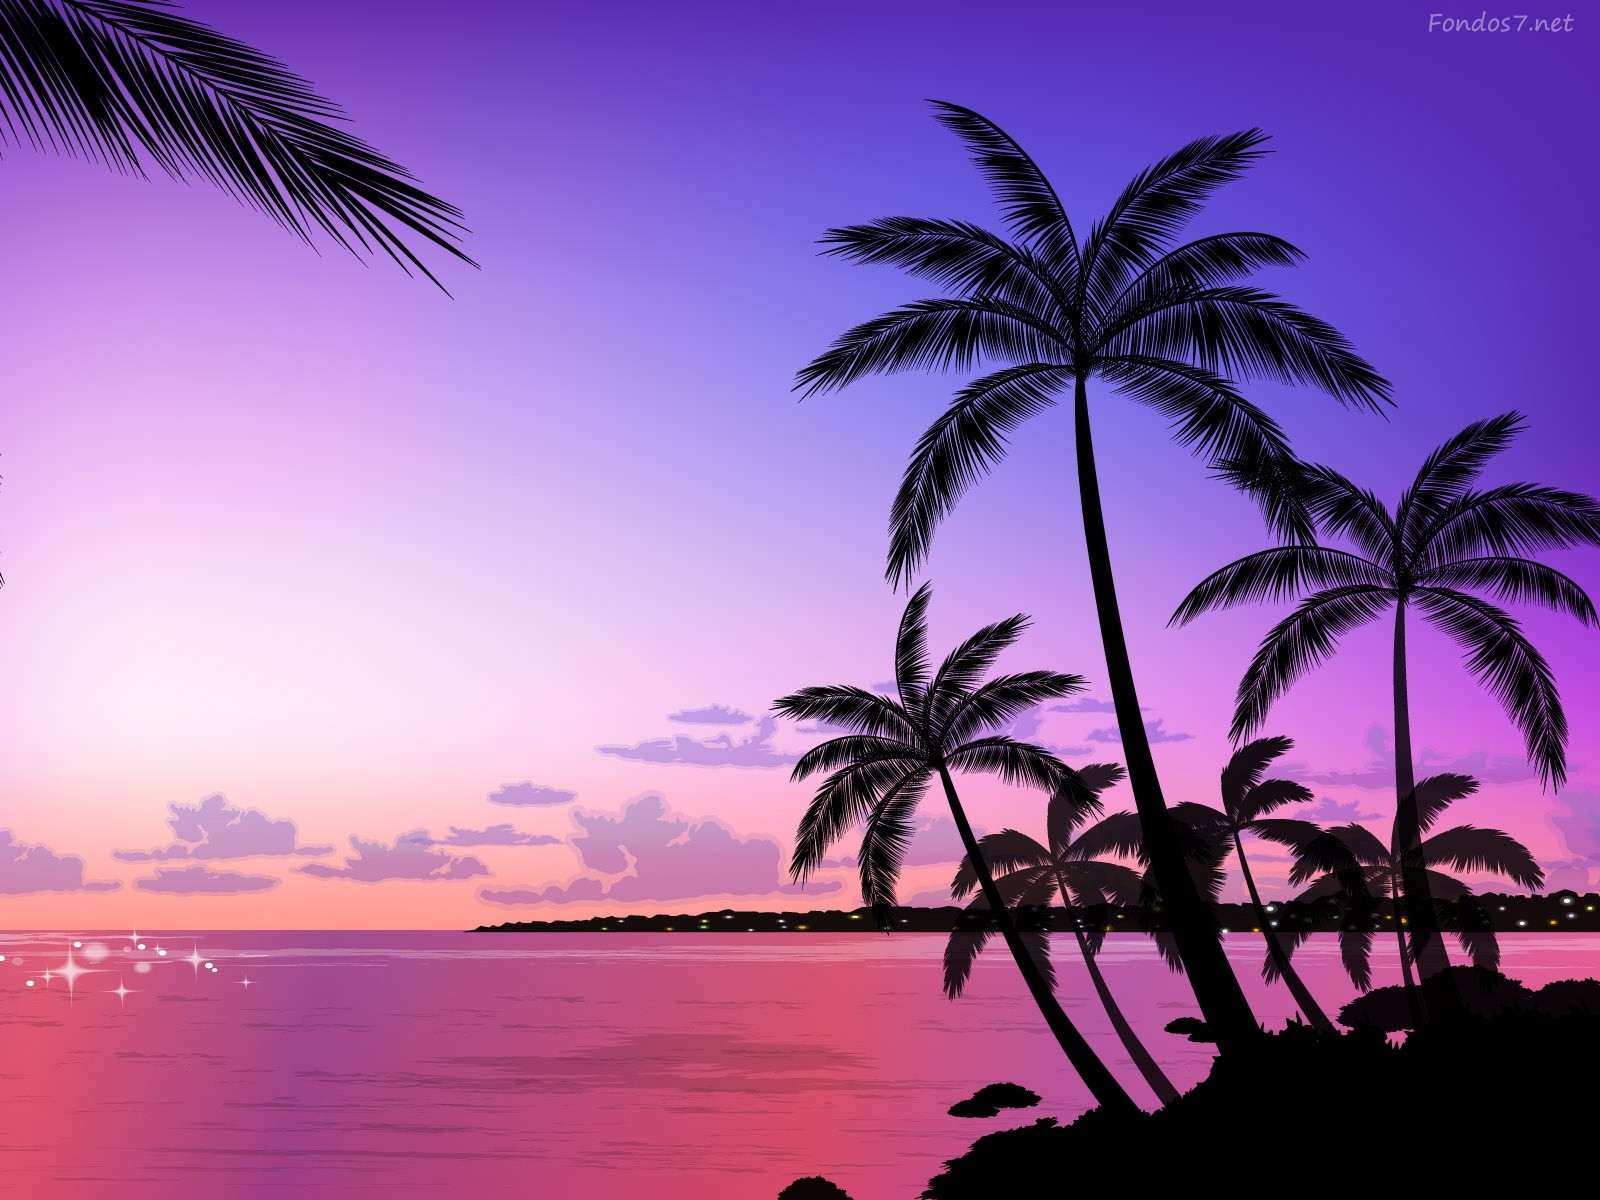 Descargar Fondos de pantalla amanecer violeta y palmeras hd widescreen 1600x1200